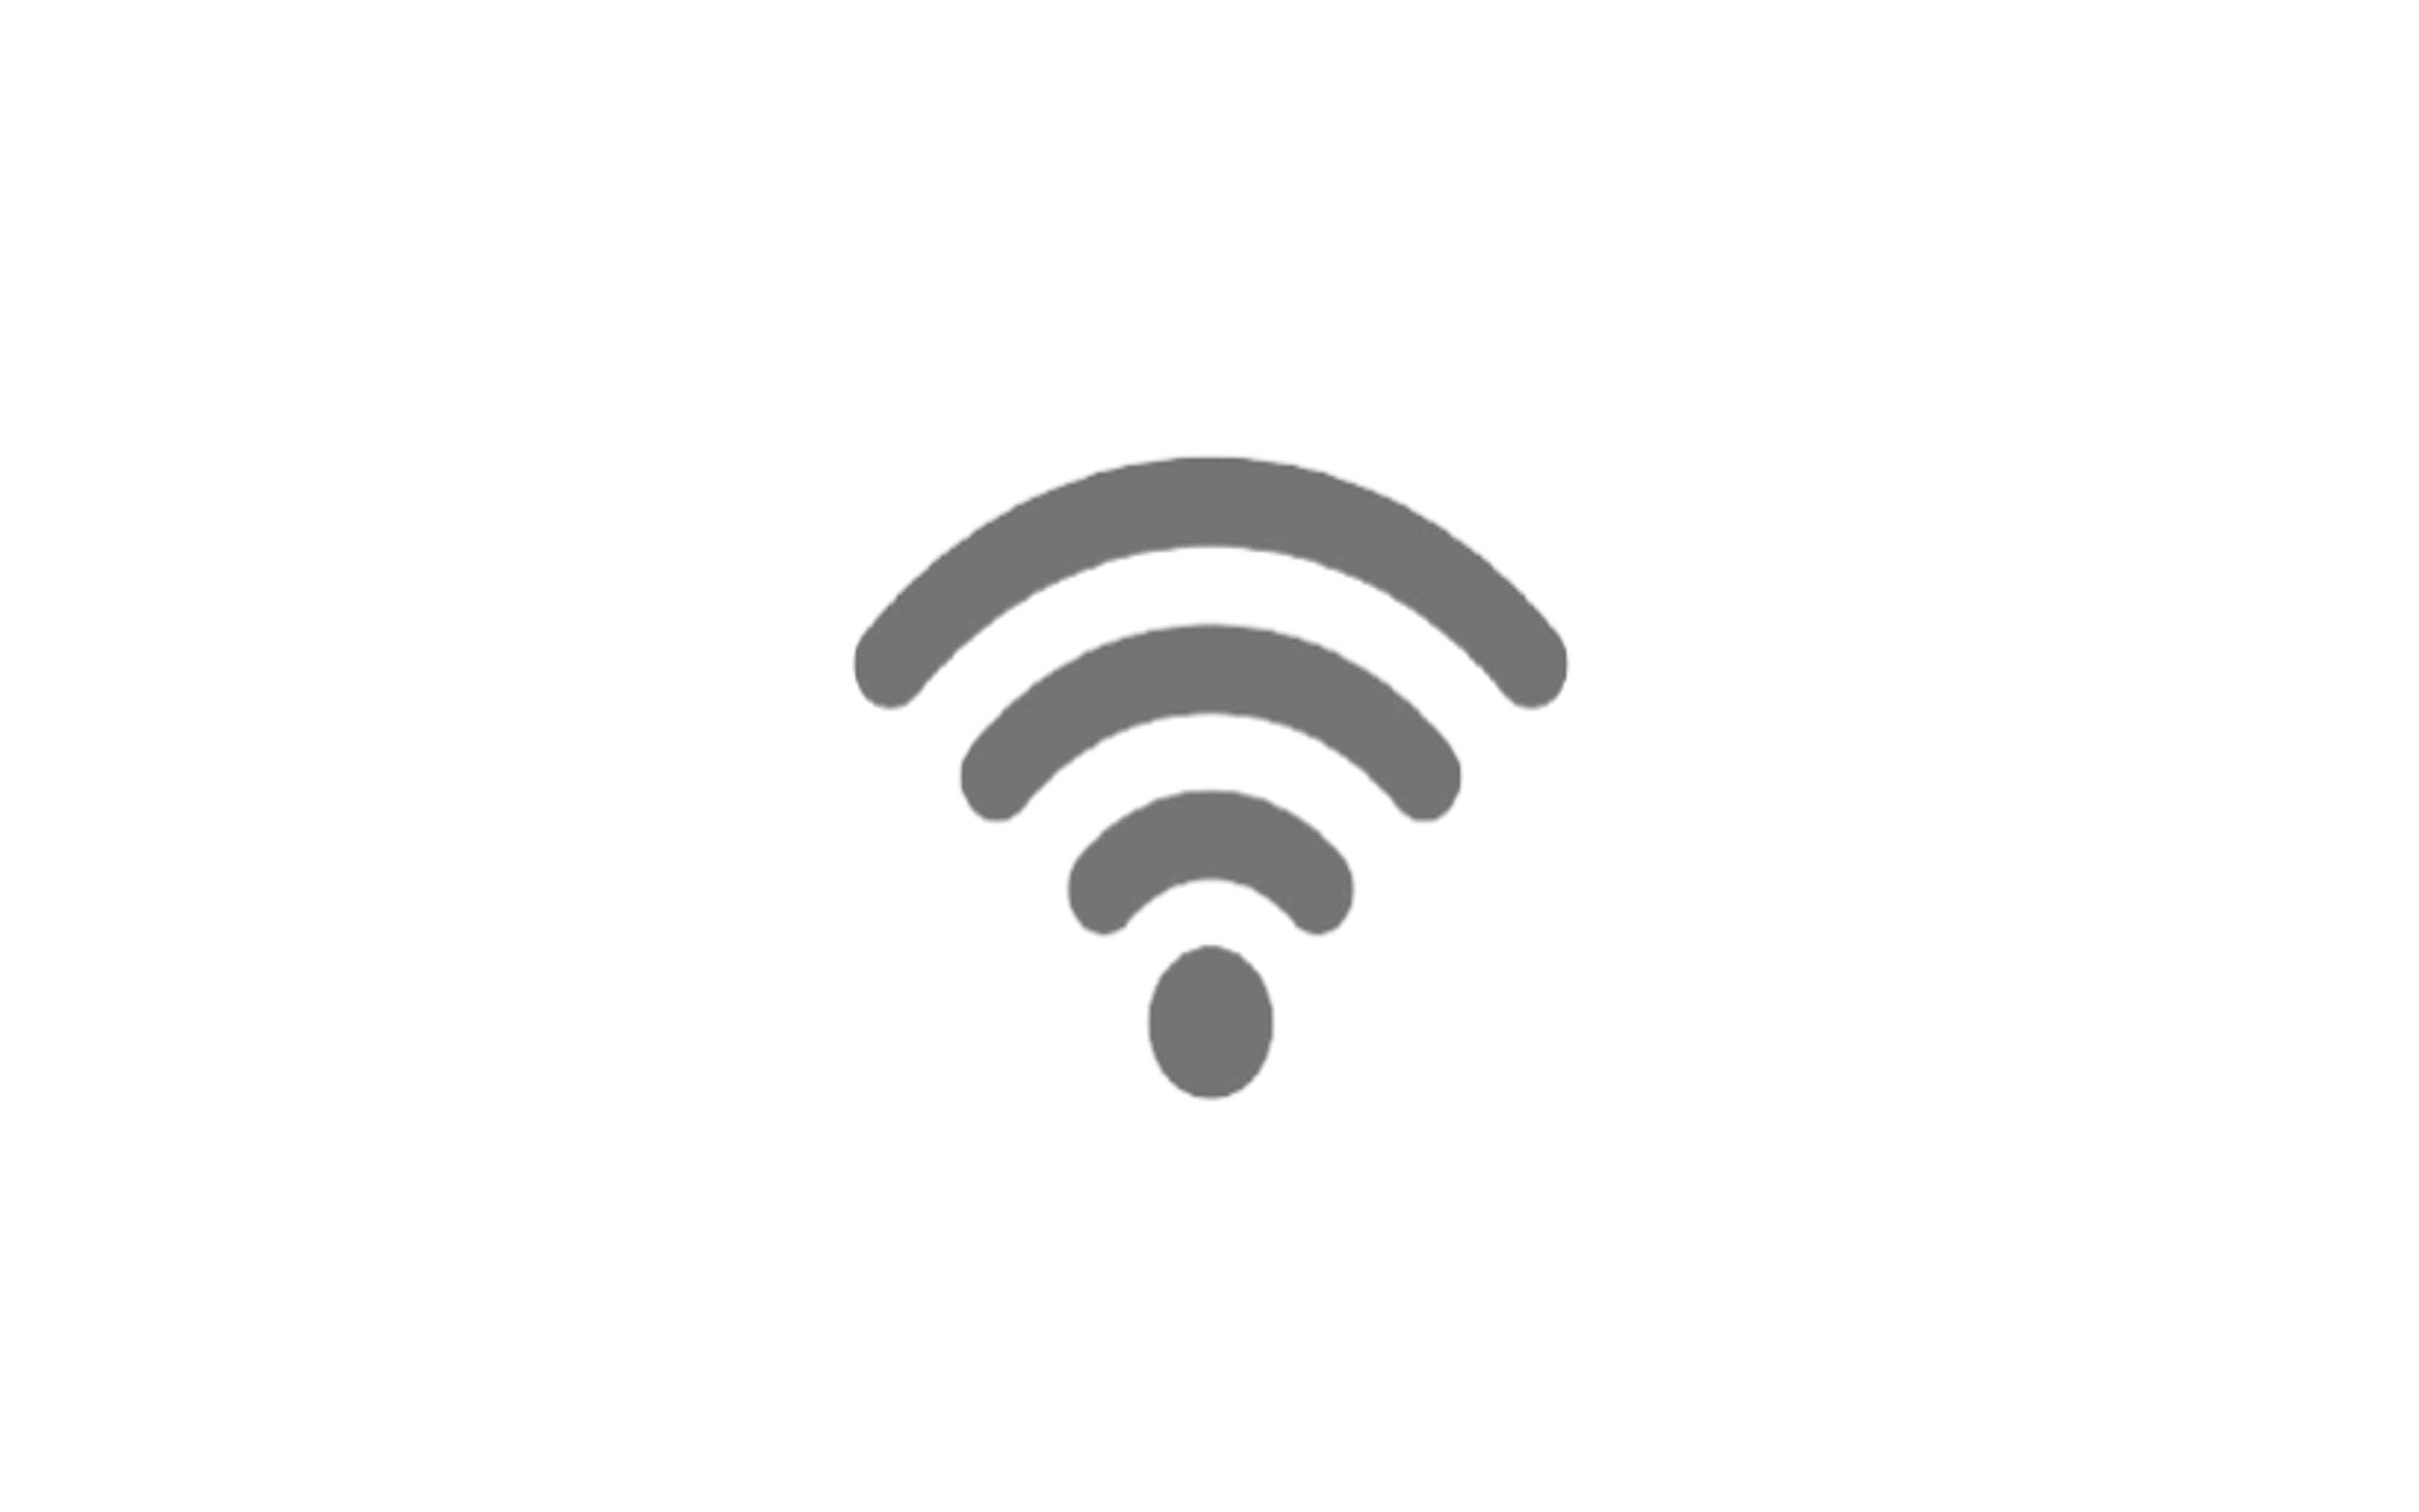 와이파이 로고